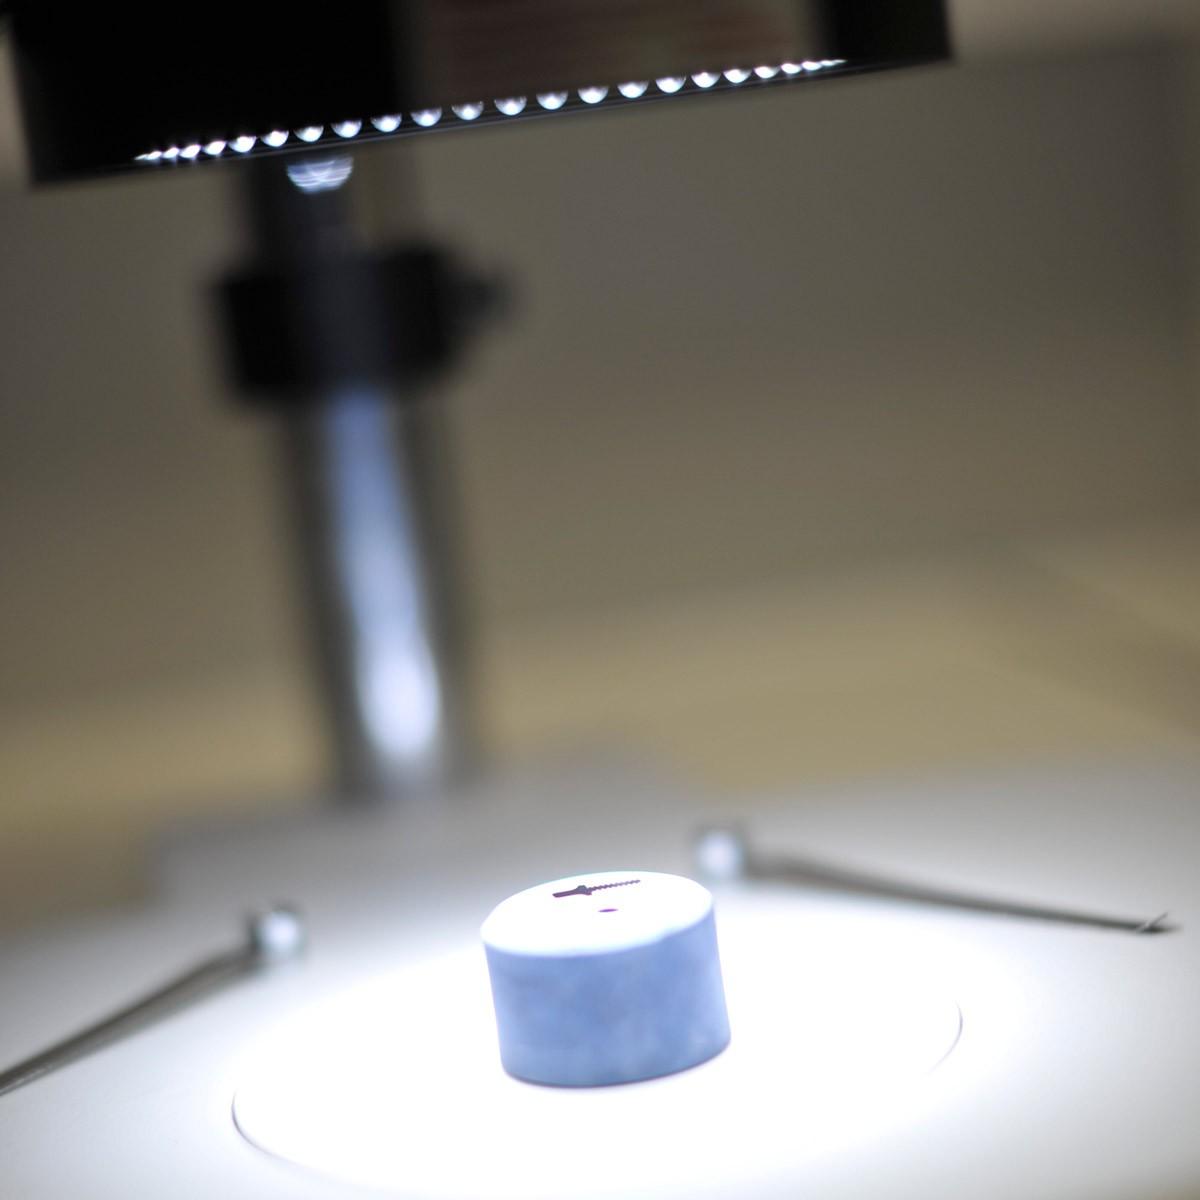 METALLOGRAPHY-BINOCULAR-MICROSCOPE